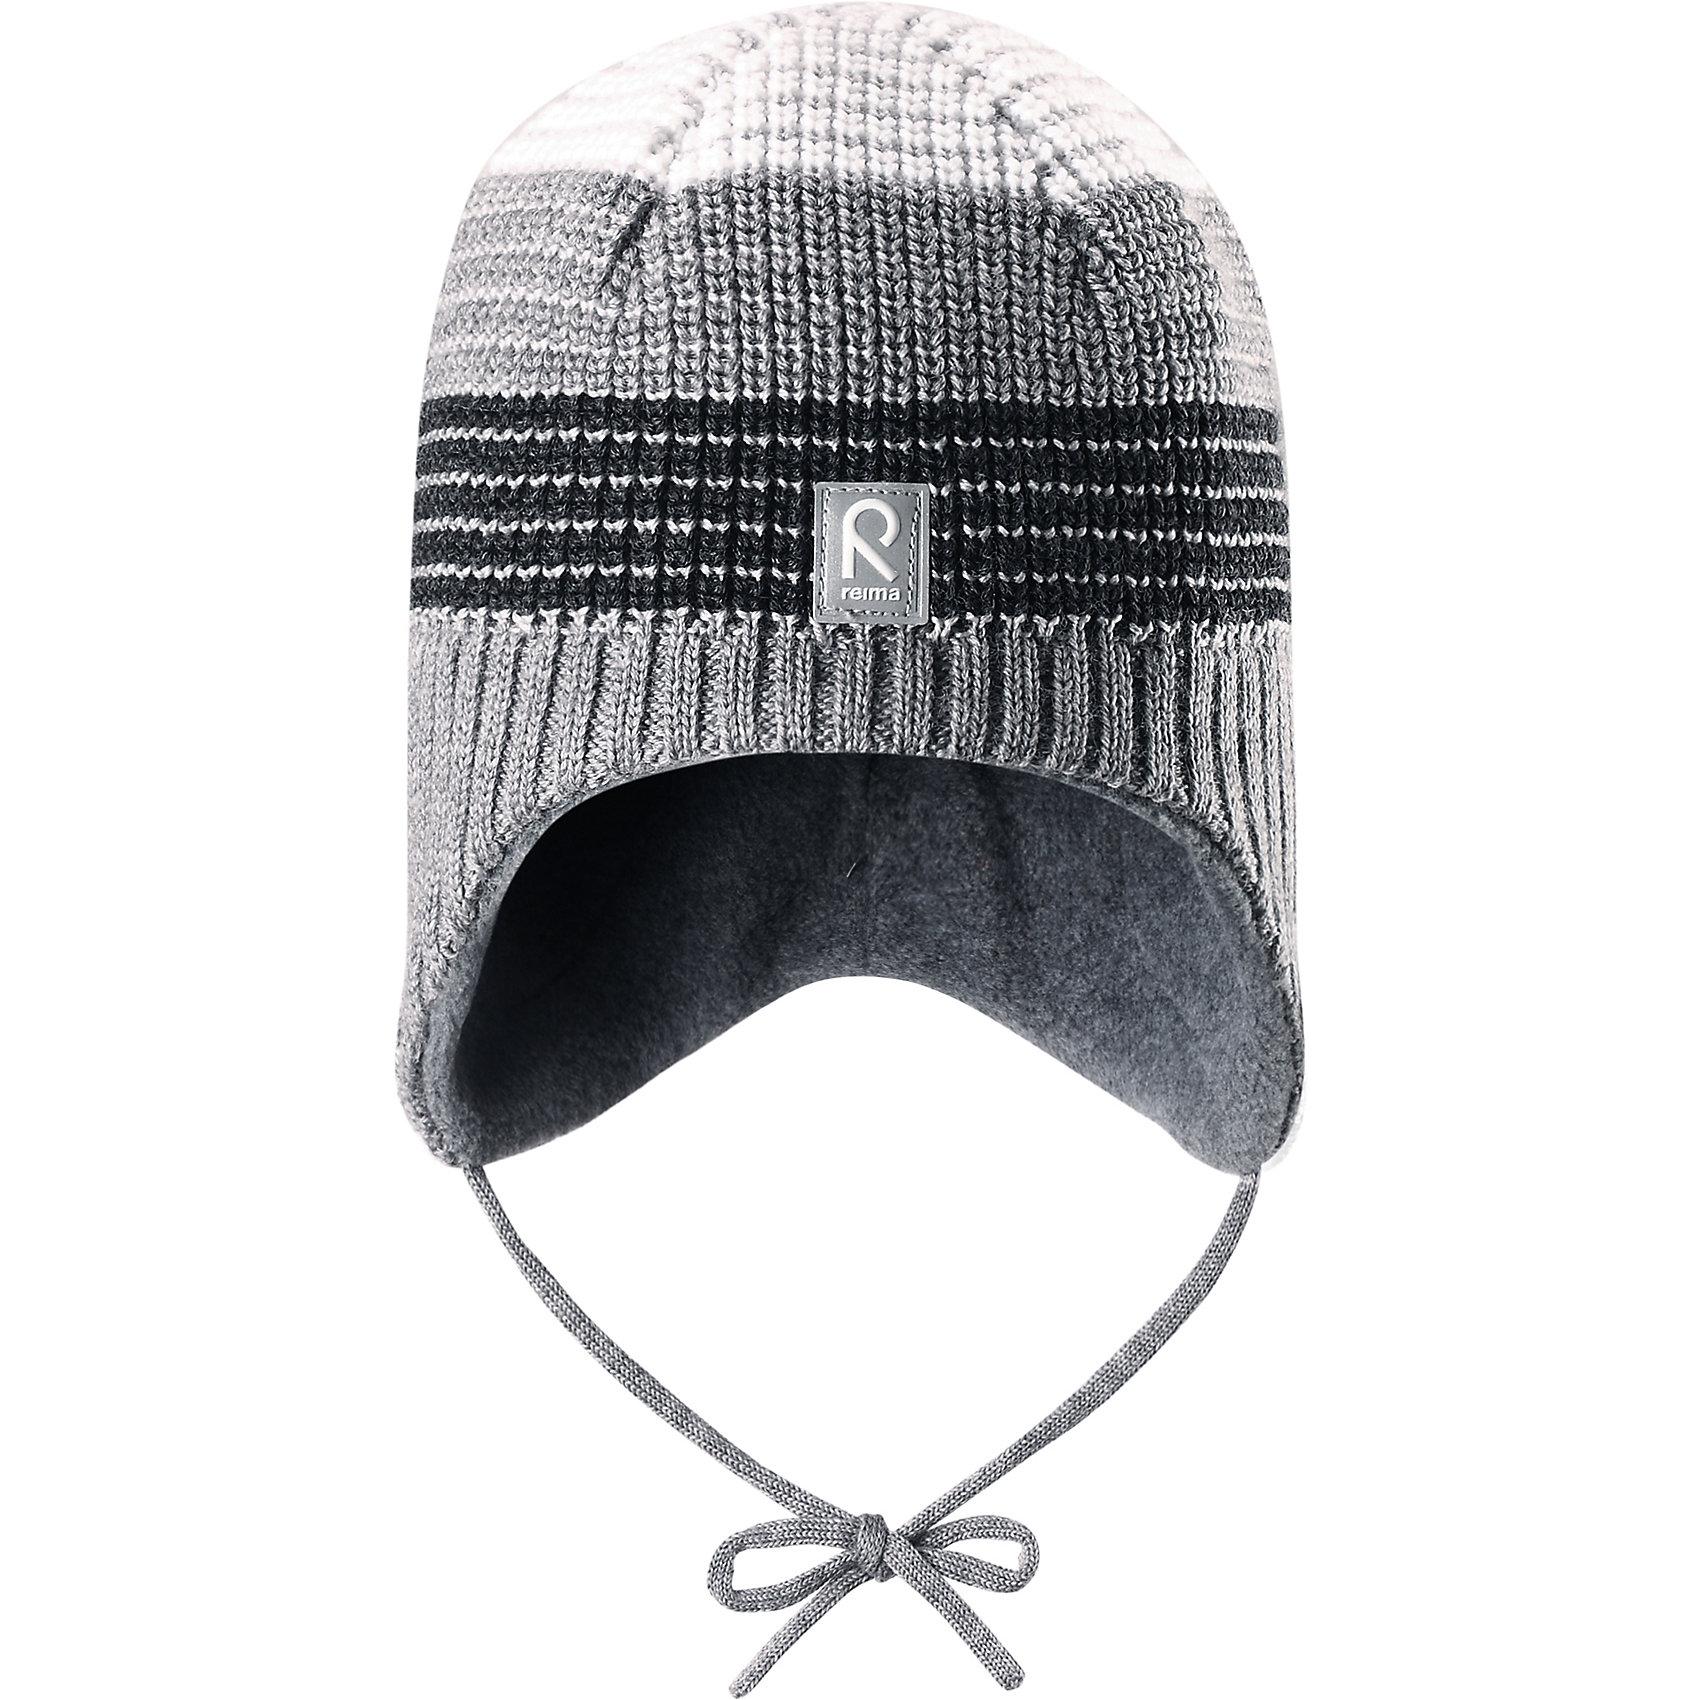 Шапка Tilava ReimaШапки и шарфы<br>Шапка  Reima<br>Шерстяная шапка «Бини» для детей и малышей. Мягкая ткань из мериносовой шерсти для поддержания идеальной температуры тела. Теплый толстый качественный трикотаж. Товар сертифицирован Oeko-Tex, класс 1, одежда для малышей. Ветронепроницаемые вставки в области ушей. Любые размеры. Мягкая теплая подкладка из поларфлиса. Скандинавский вязаный узор. Декоративные элементы сверху. Интересная структура поверхности. Светоотражающий элемент спереди.<br>Уход:<br>Стирать по отдельности, вывернув наизнанку. Придать первоначальную форму вo влажном виде. Возможна усадка 5 %.<br>Состав:<br>100% Шерсть<br><br>Ширина мм: 89<br>Глубина мм: 117<br>Высота мм: 44<br>Вес г: 155<br>Цвет: серый<br>Возраст от месяцев: 9<br>Возраст до месяцев: 18<br>Пол: Мужской<br>Возраст: Детский<br>Размер: 48,50,52,54<br>SKU: 4777272